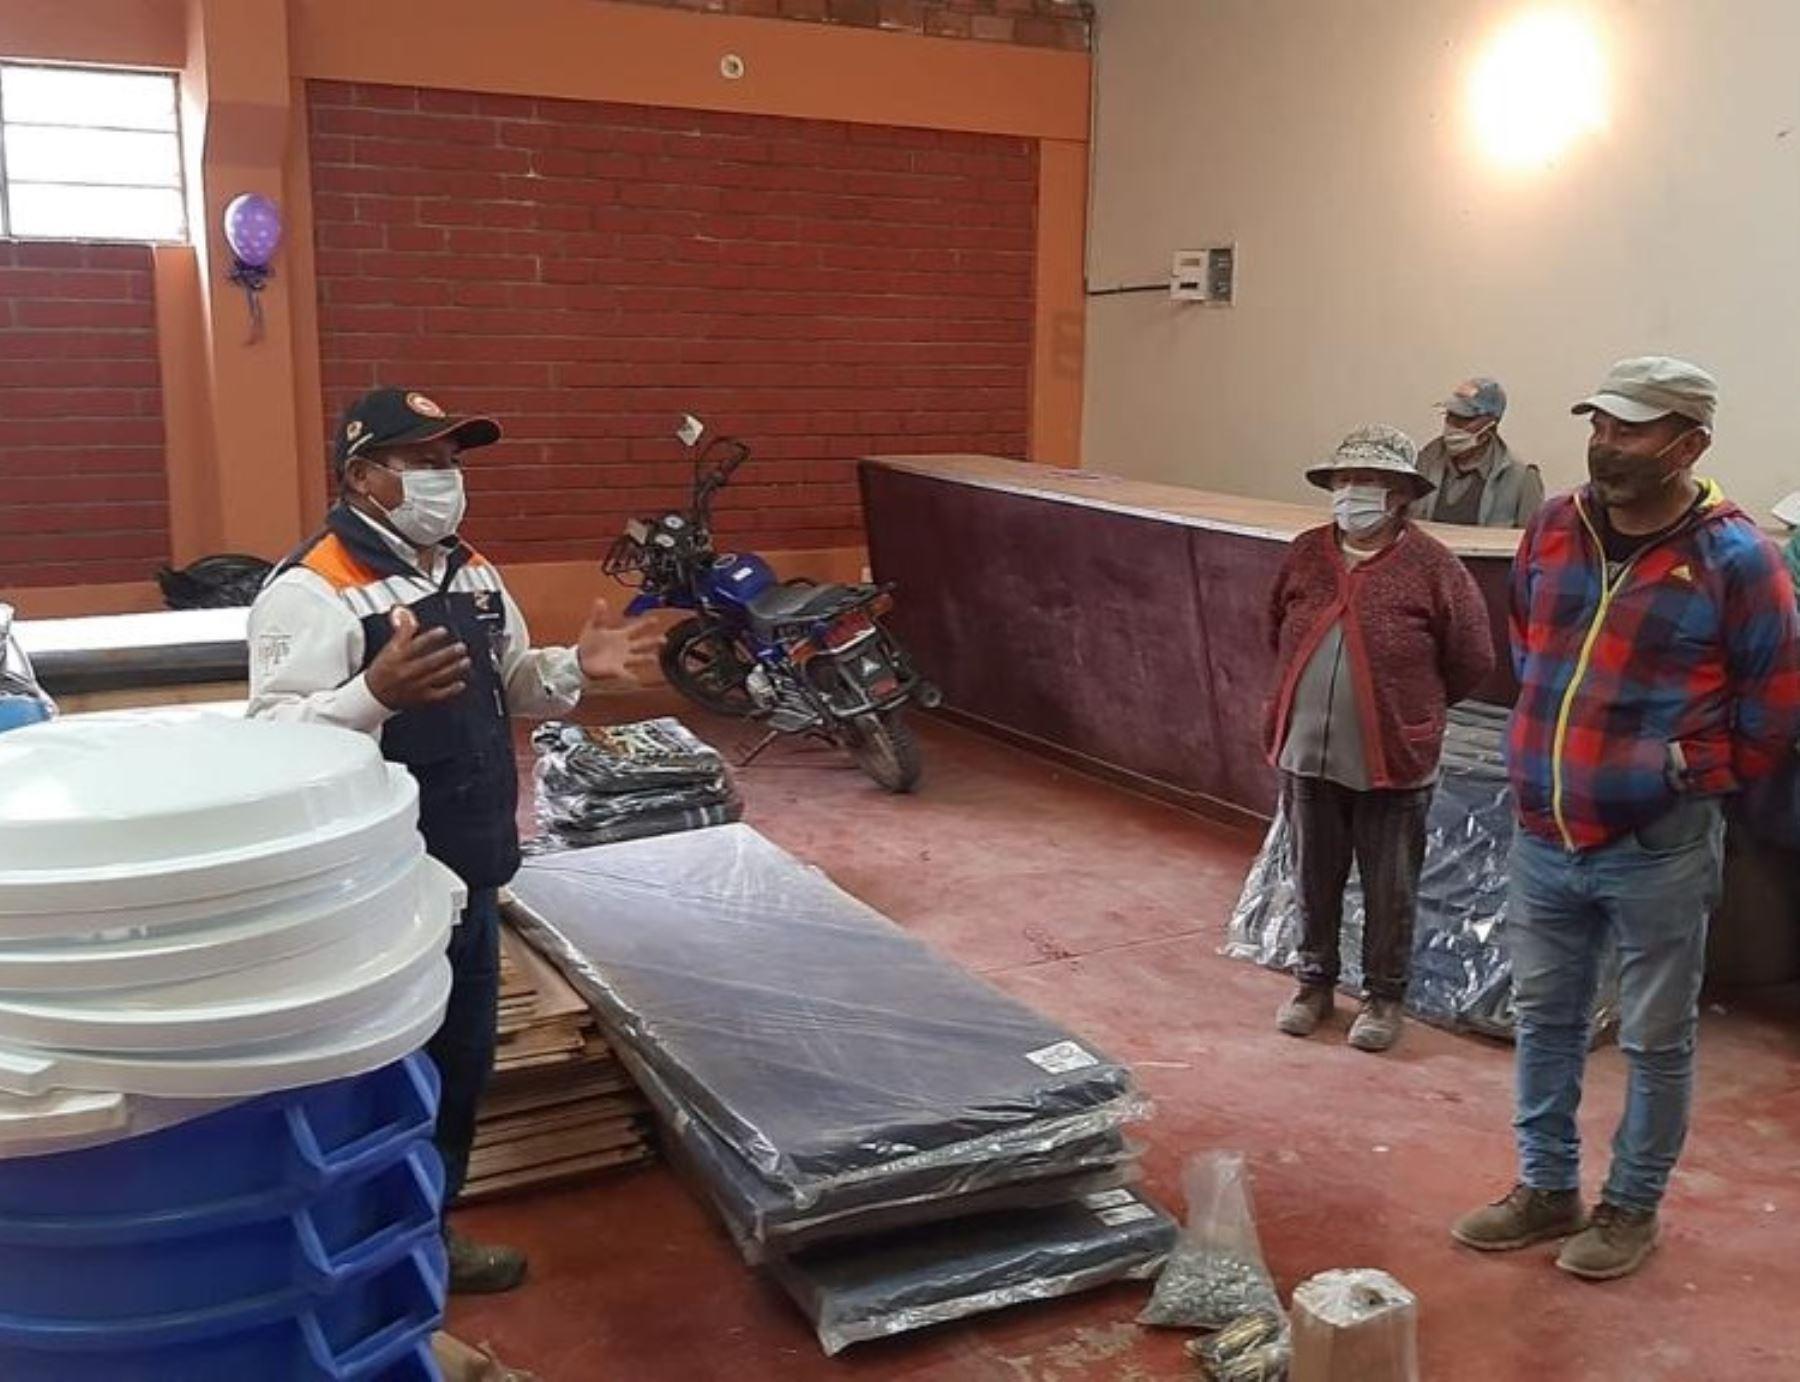 La Municipalidad Distrital de Pampas Grande coordina con la municipalidad provincial de Huaraz y el gobierno regional de Áncash el apoyo con bienes de ayuda humanitaria para las personas afectadas por temporales, las cuales están realizando trabajos de reparación de sus viviendas. ANDINA/Difusión